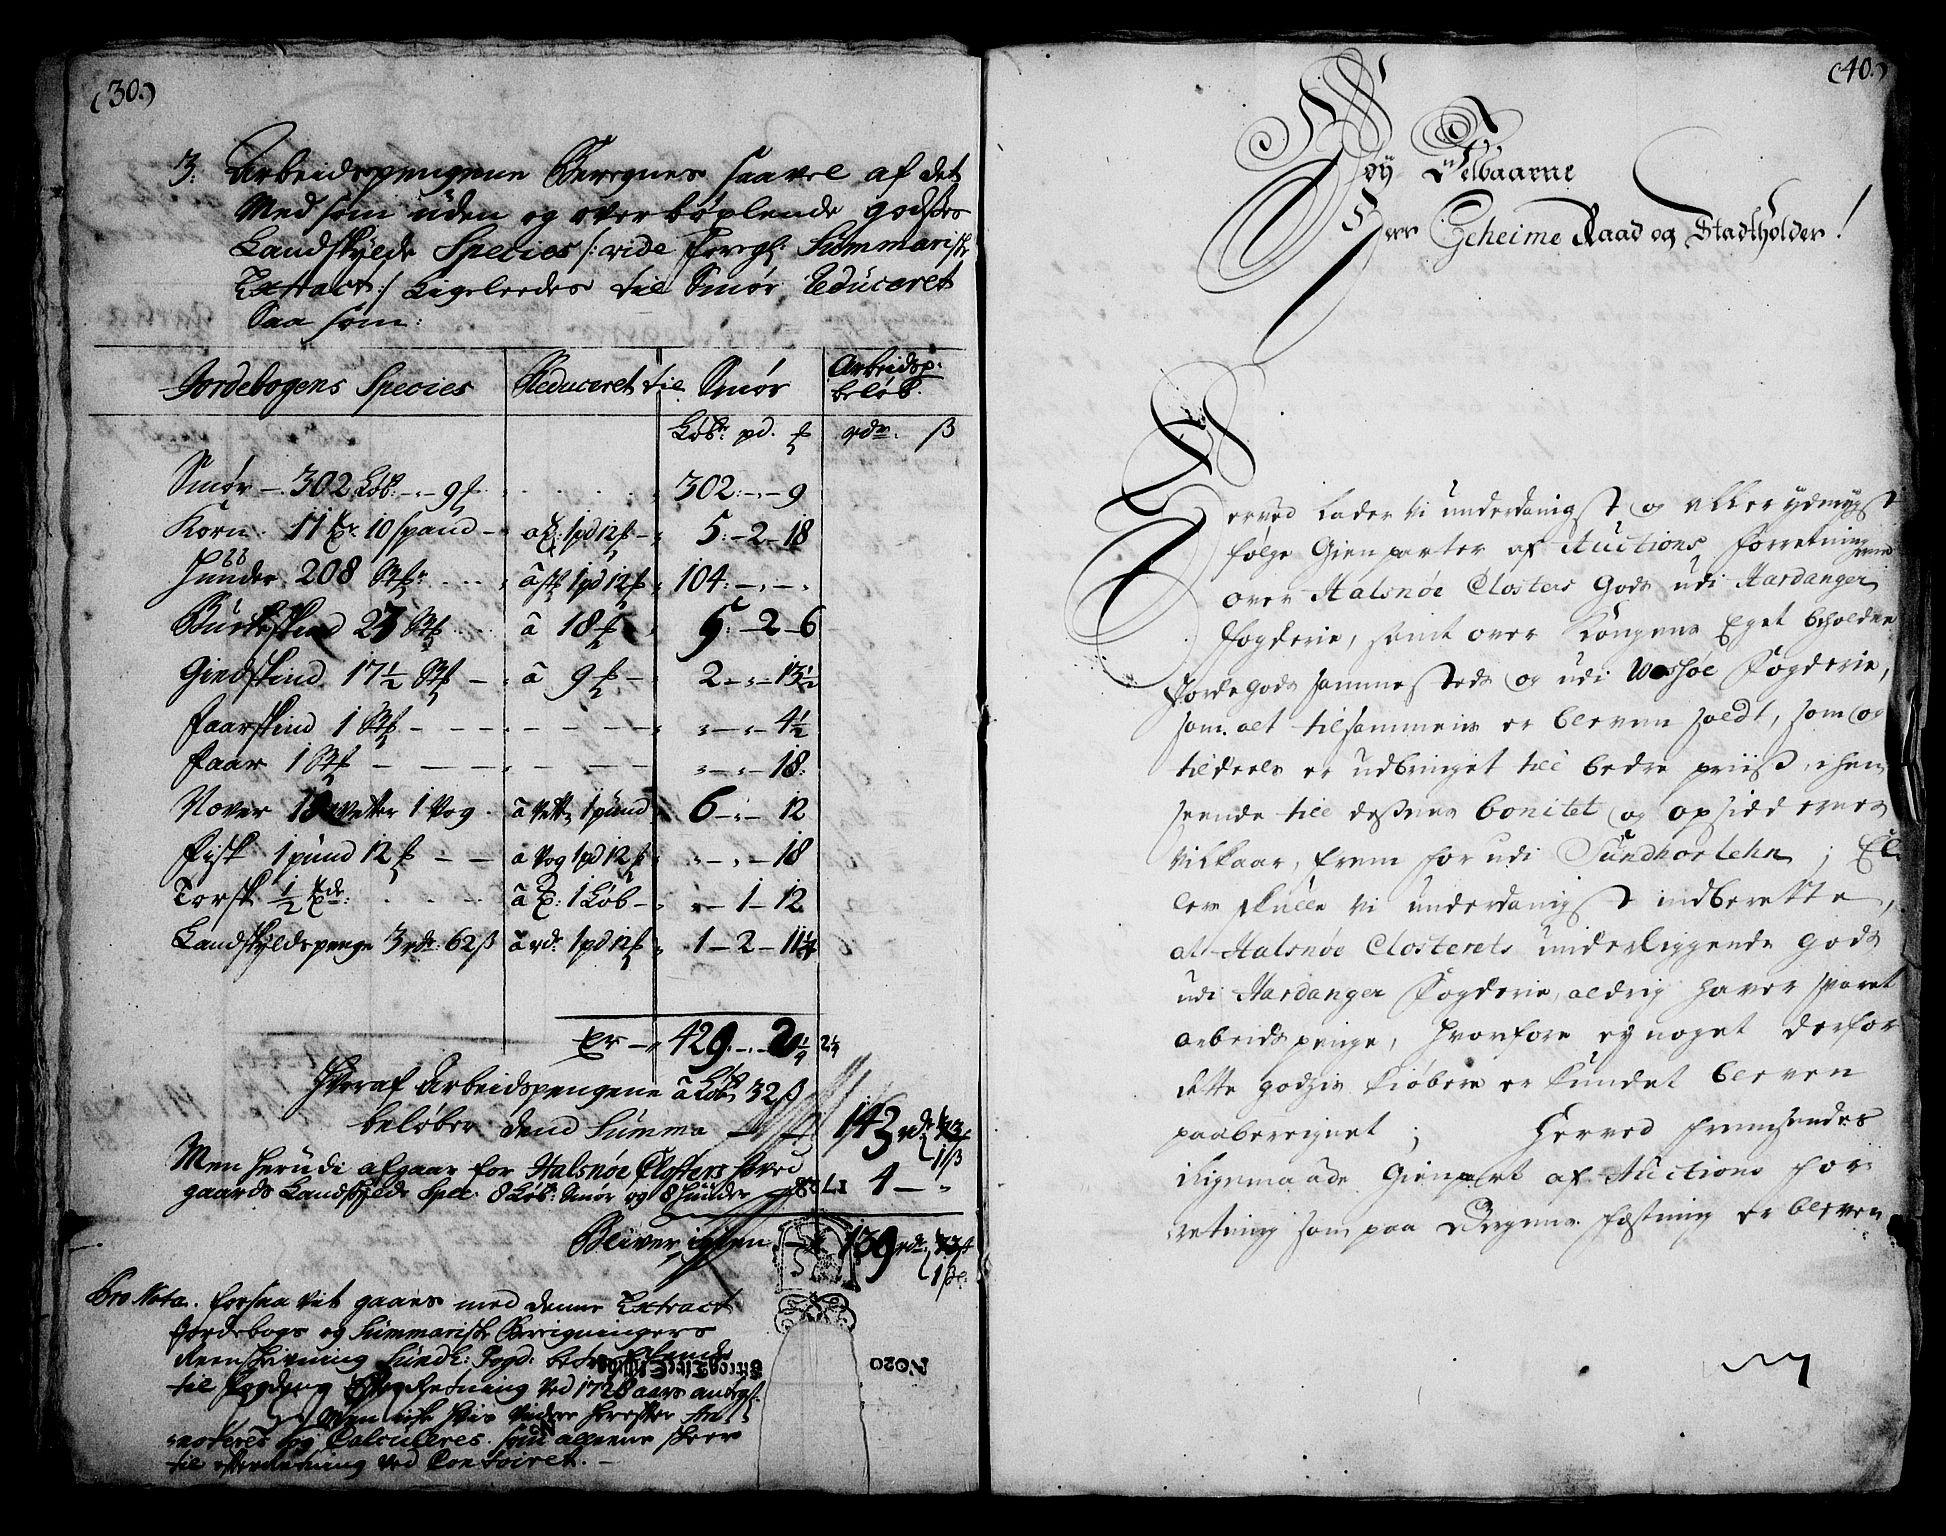 RA, Rentekammeret inntil 1814, Realistisk ordnet avdeling, On/L0003: [Jj 4]: Kommisjonsforretning over Vilhelm Hanssøns forpaktning av Halsnøy klosters gods, 1721-1729, s. 460